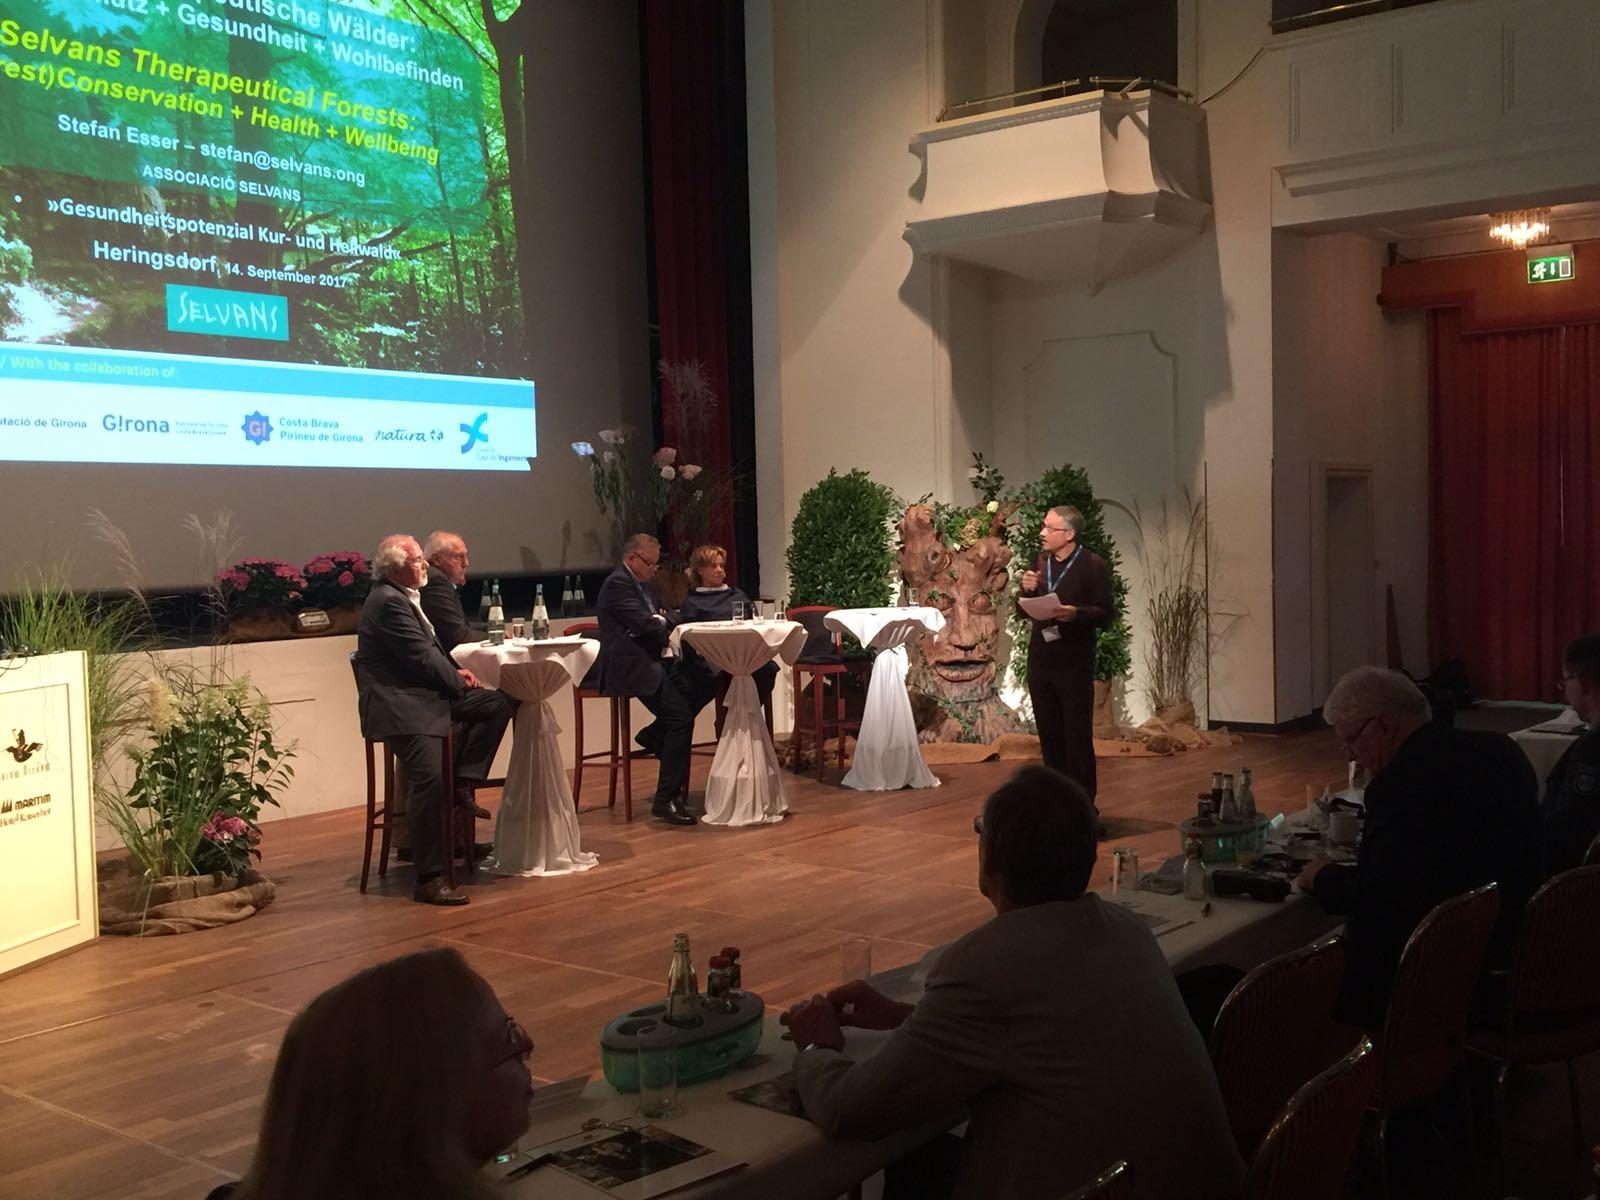 Resum participació #Sèlvans al 1er Congrés sobre Boscos Terapèutics.